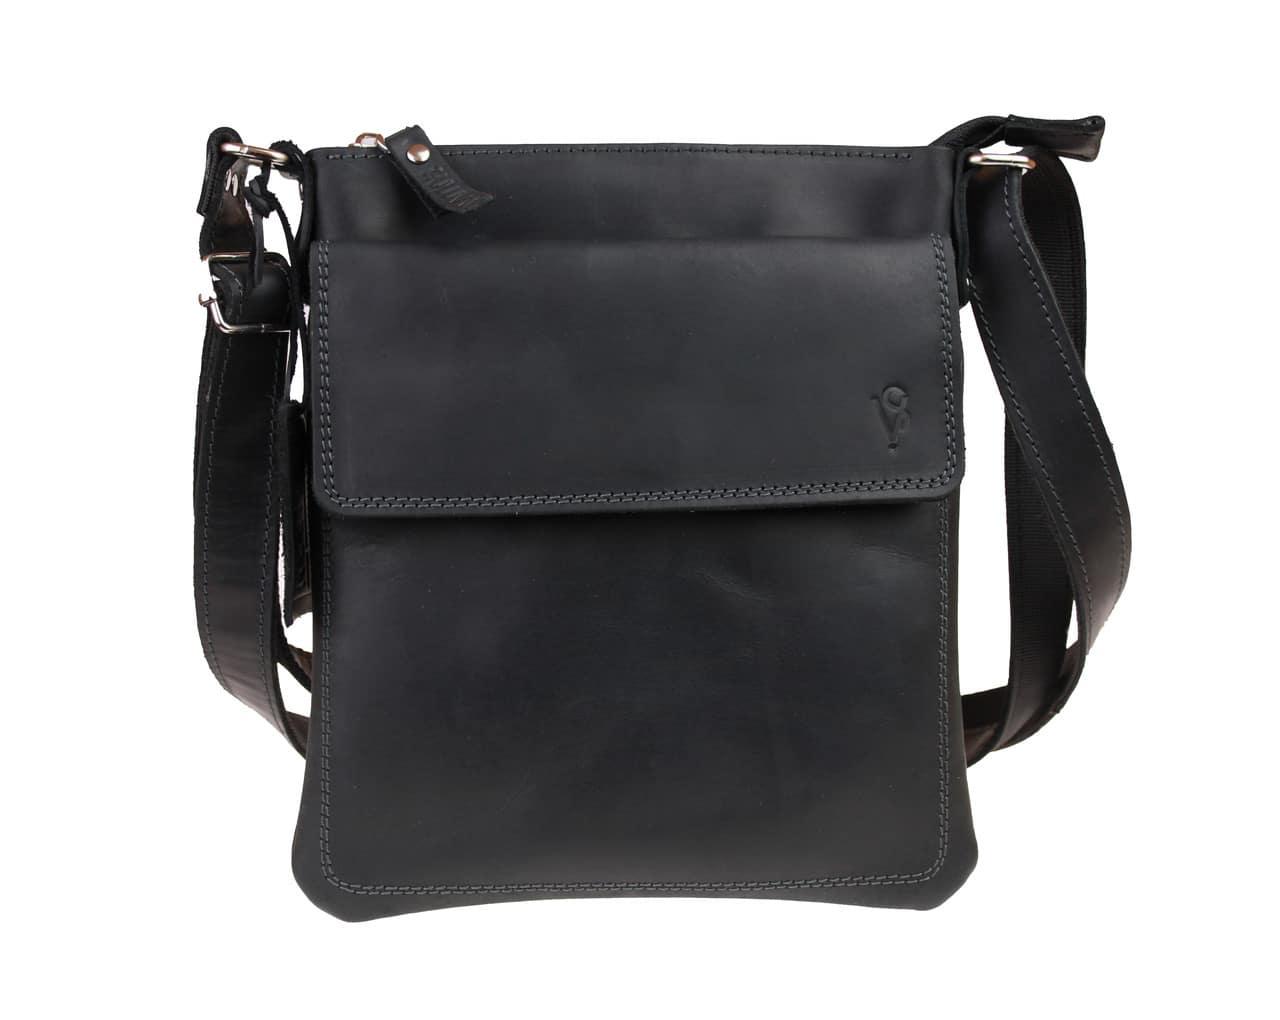 30c7ea25cdfd Купить мужскую кожаную сумку в Киеве и Украине - Кенгуру интернет магазин мужских  сумок